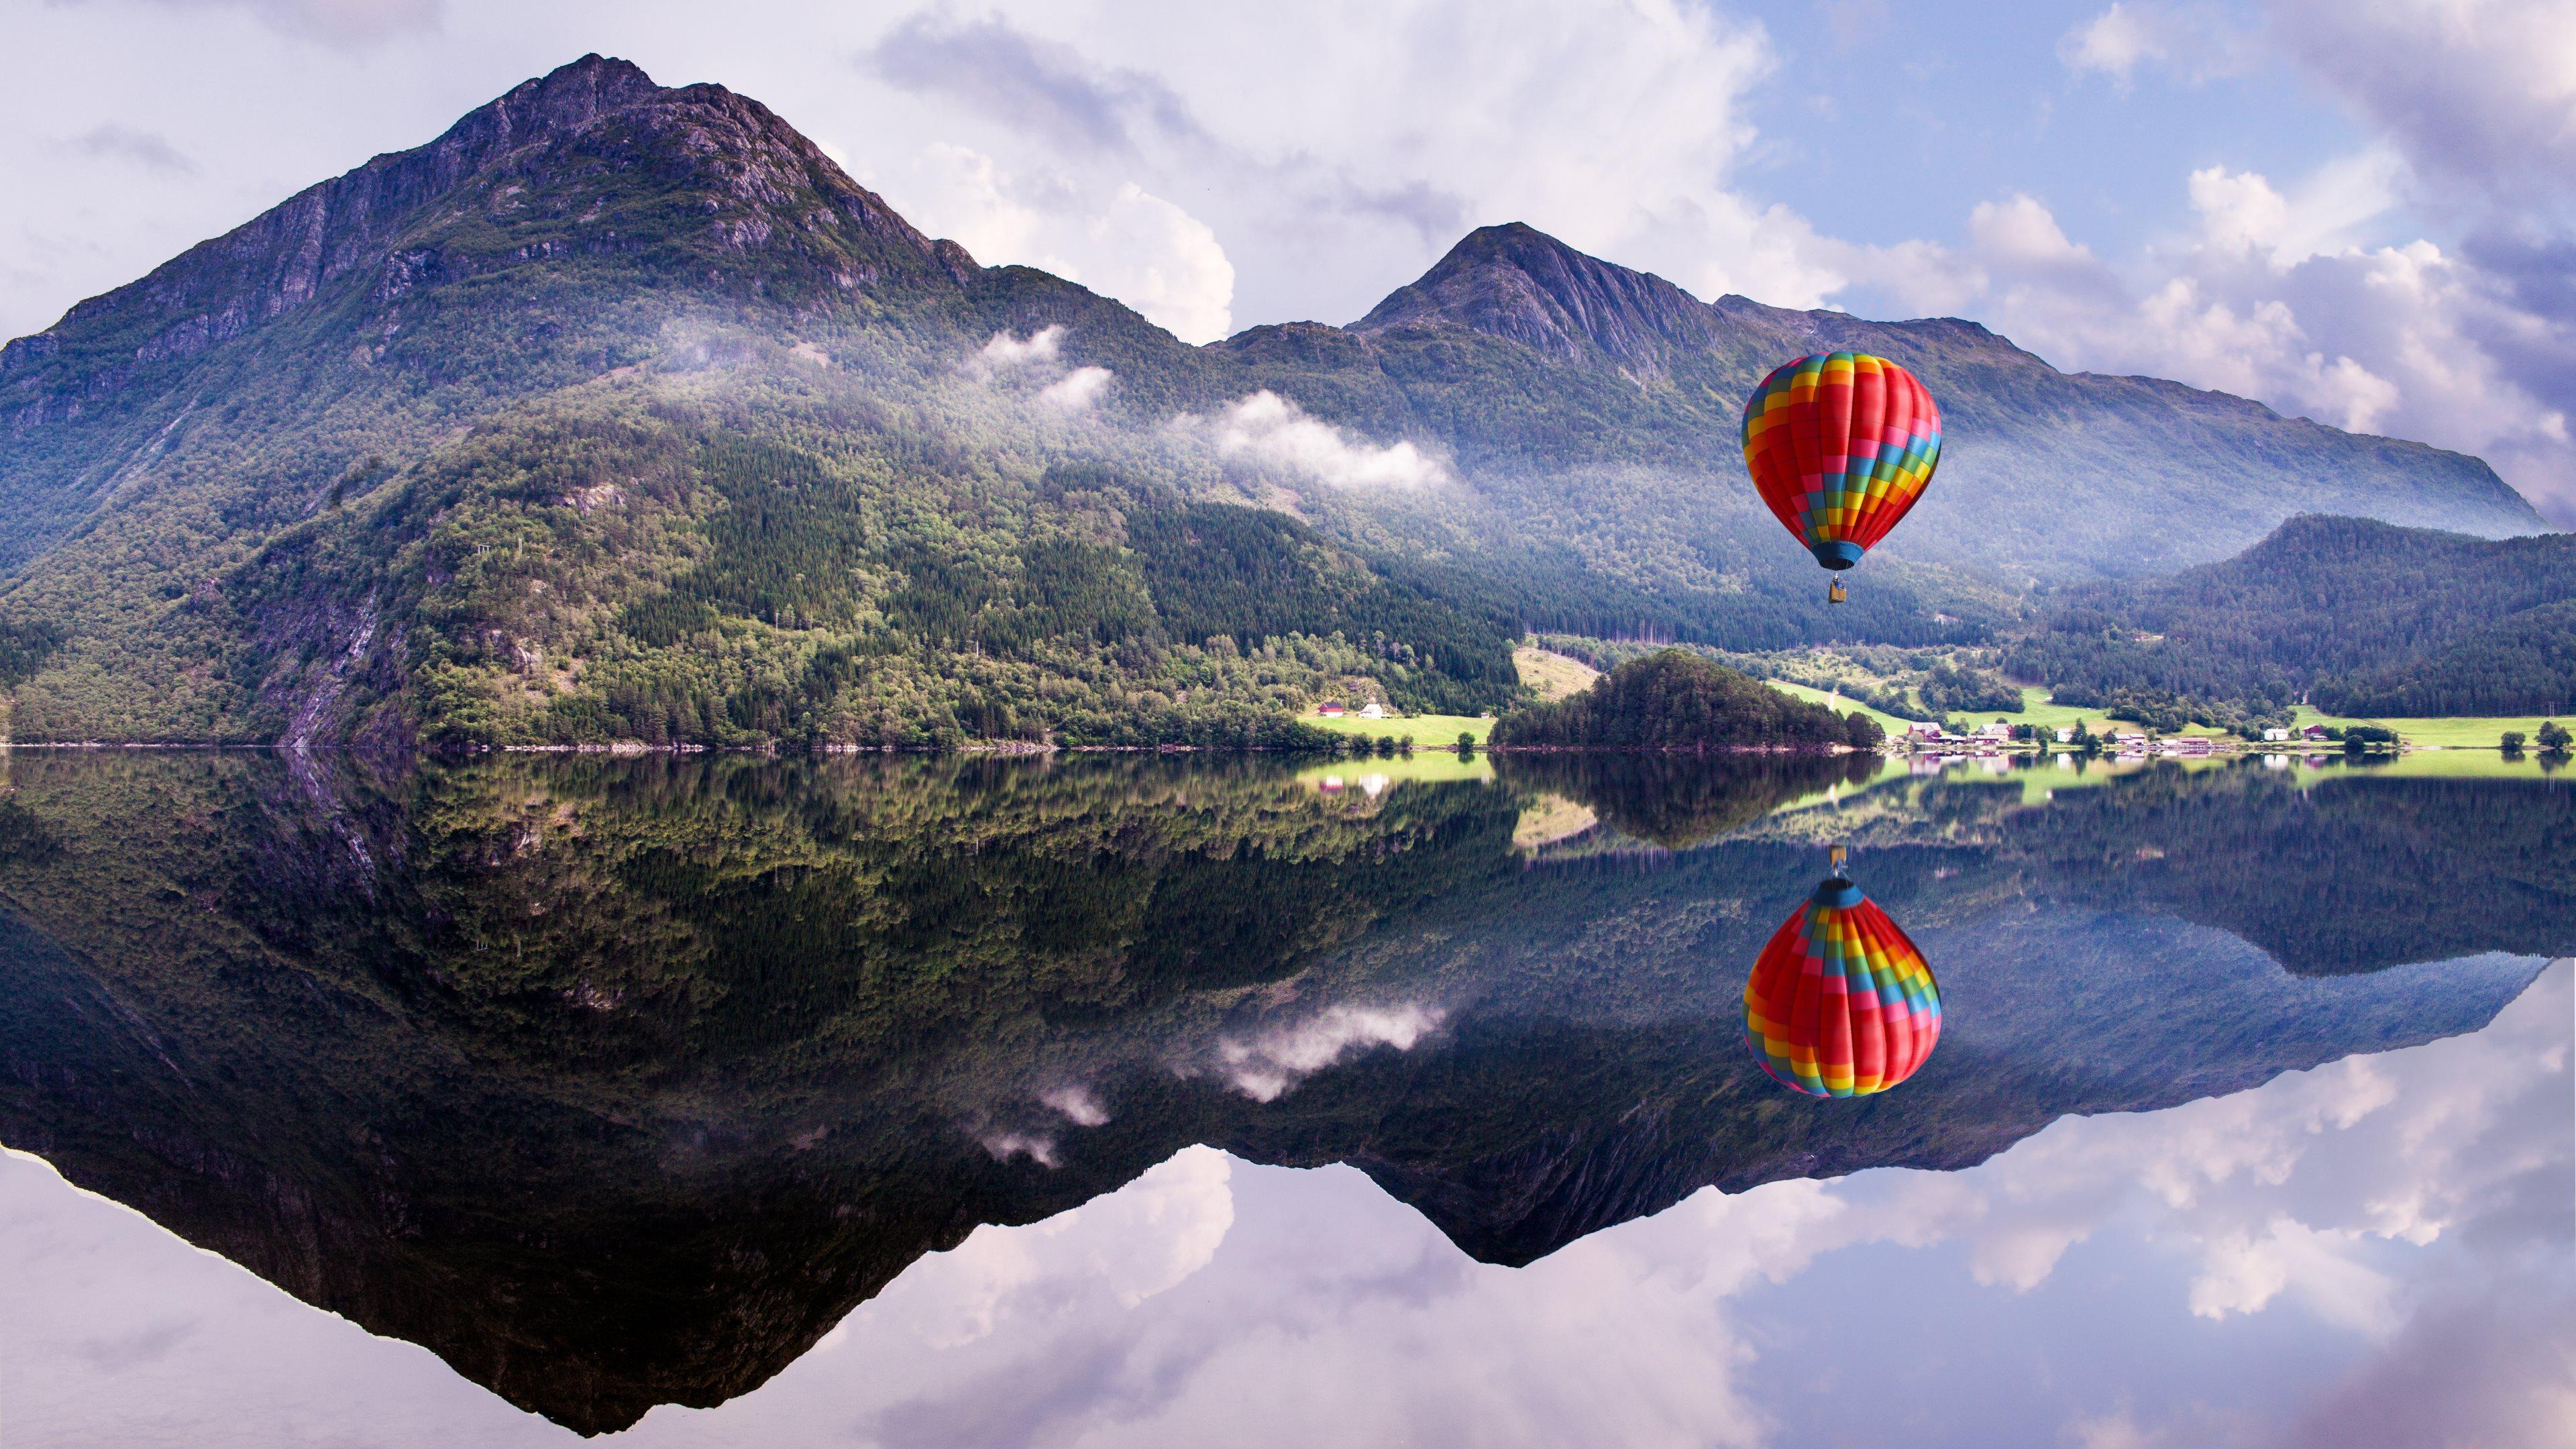 Hot Air Balloon 4K Wallpaper [3840x2160]